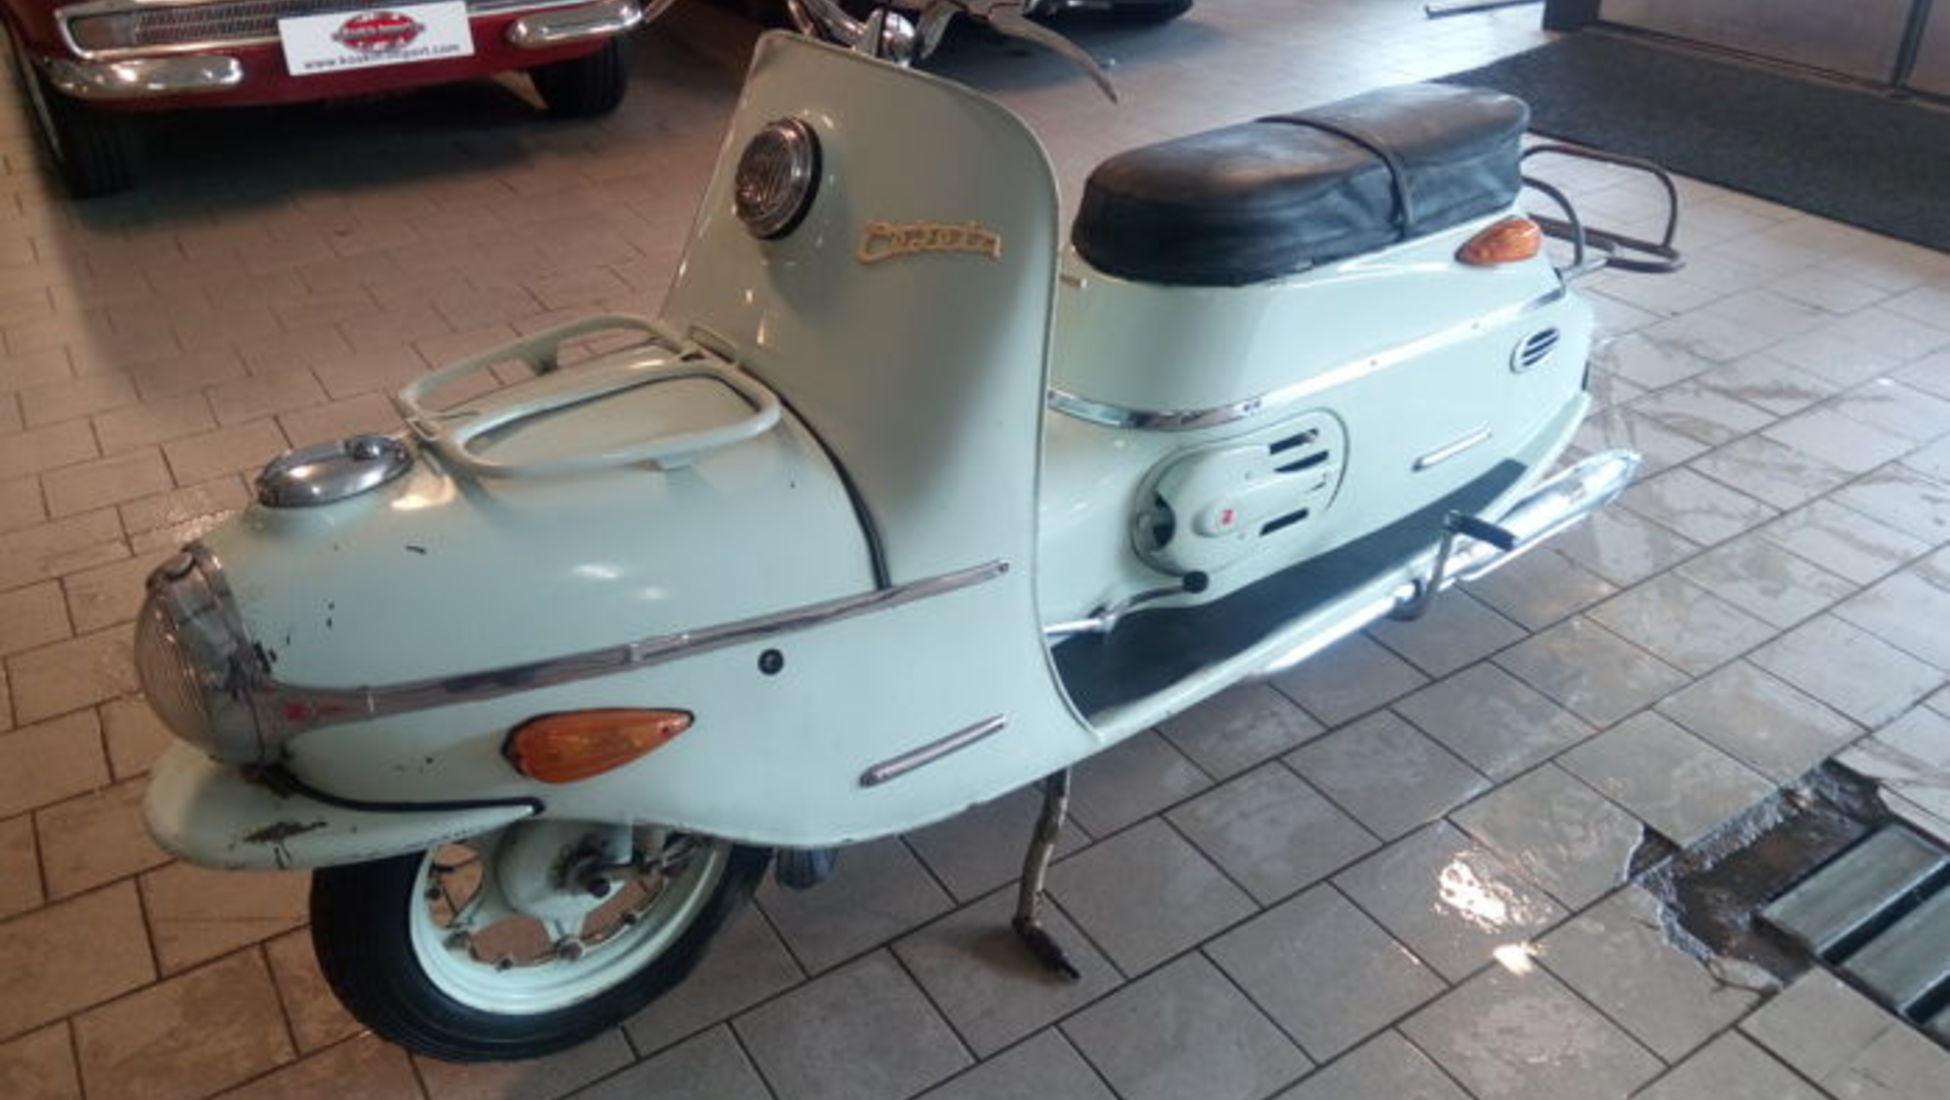 1c45e4551b Il marchio di scooter Salsbury ha portato la prima generazione di scooter  in America. Questo Motor Glide de Luxe del 1938 è stato dotato di una  trasmissione ...